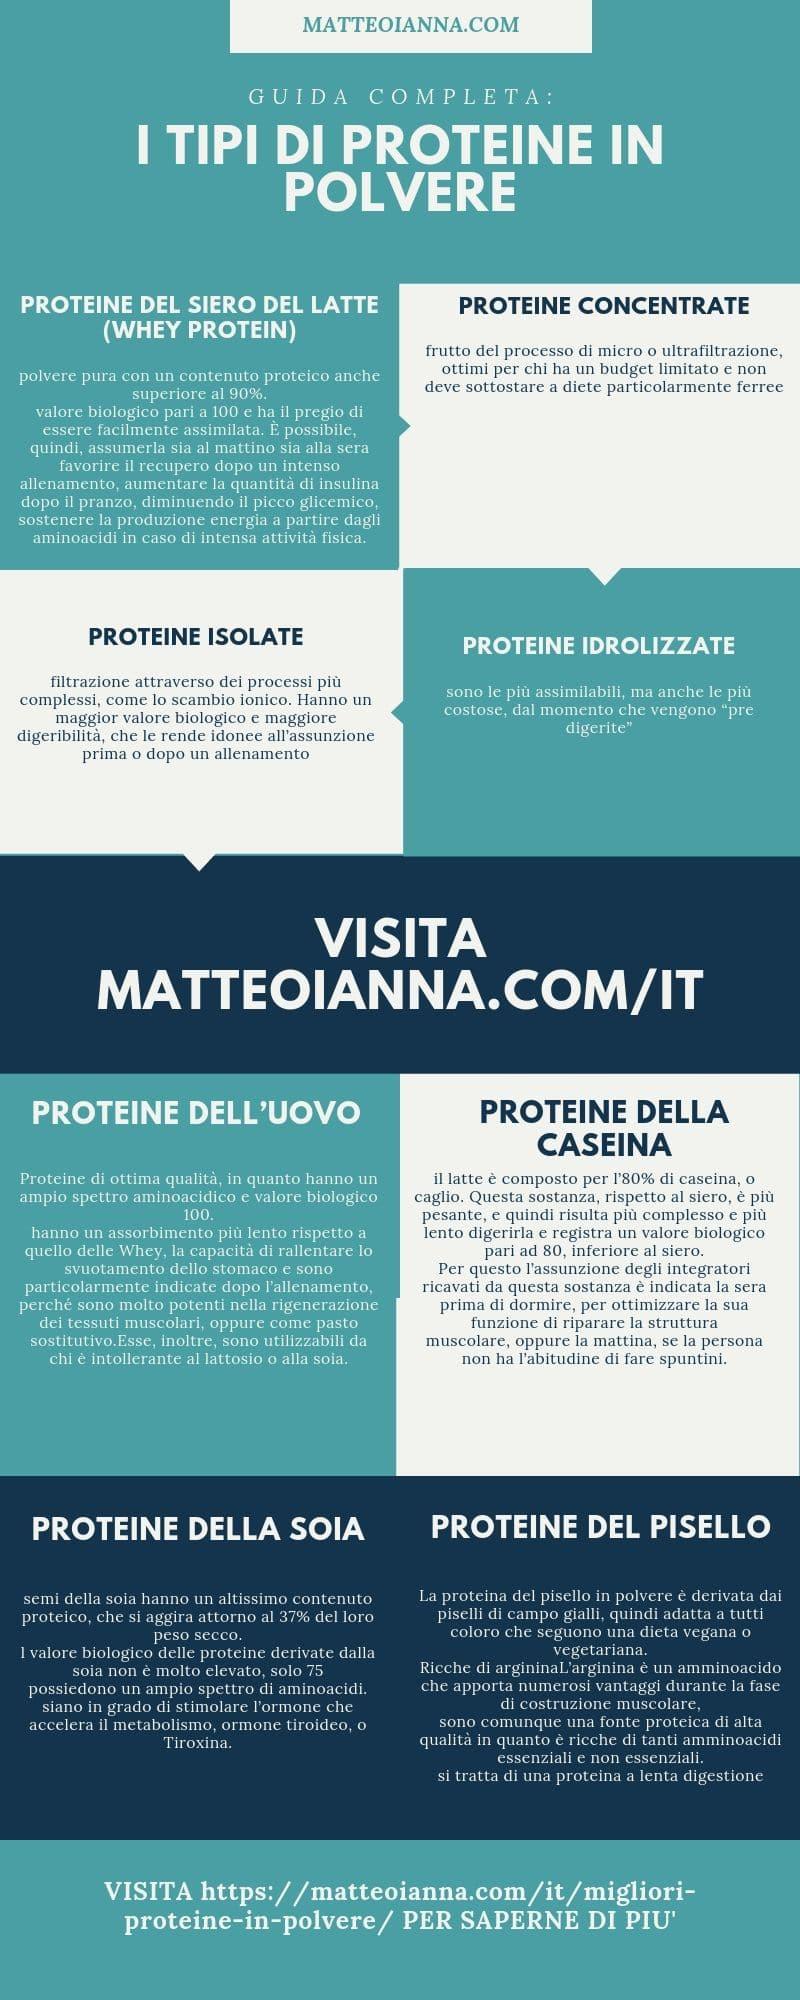 proteine delluovo pure per dimagrire